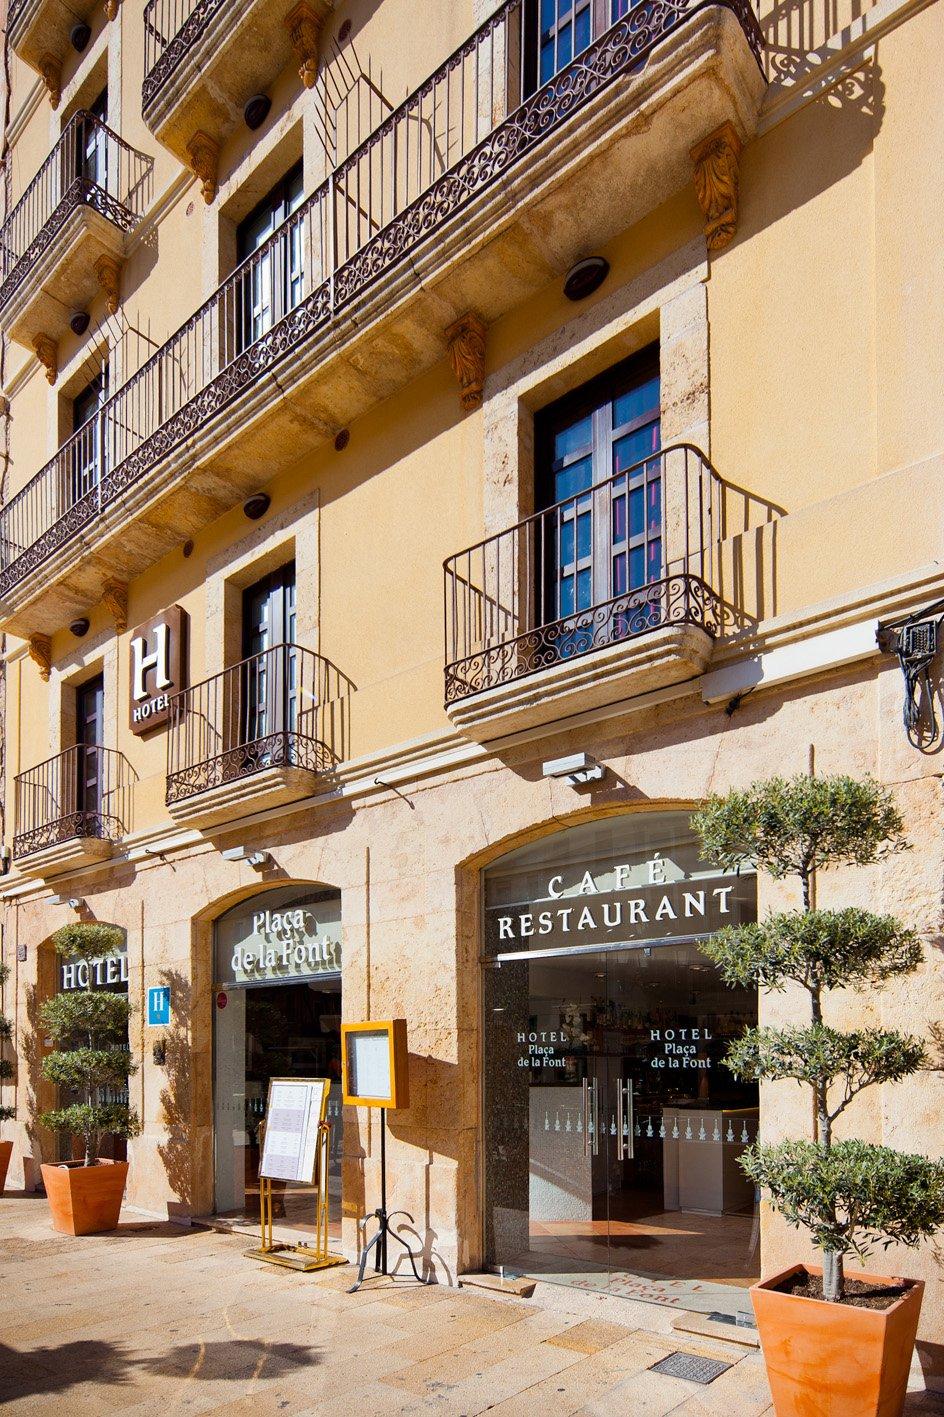 hotel_la_fontnombre_del_documento_14-5fe230017d403b6d203ff8c0c7ffd8c5